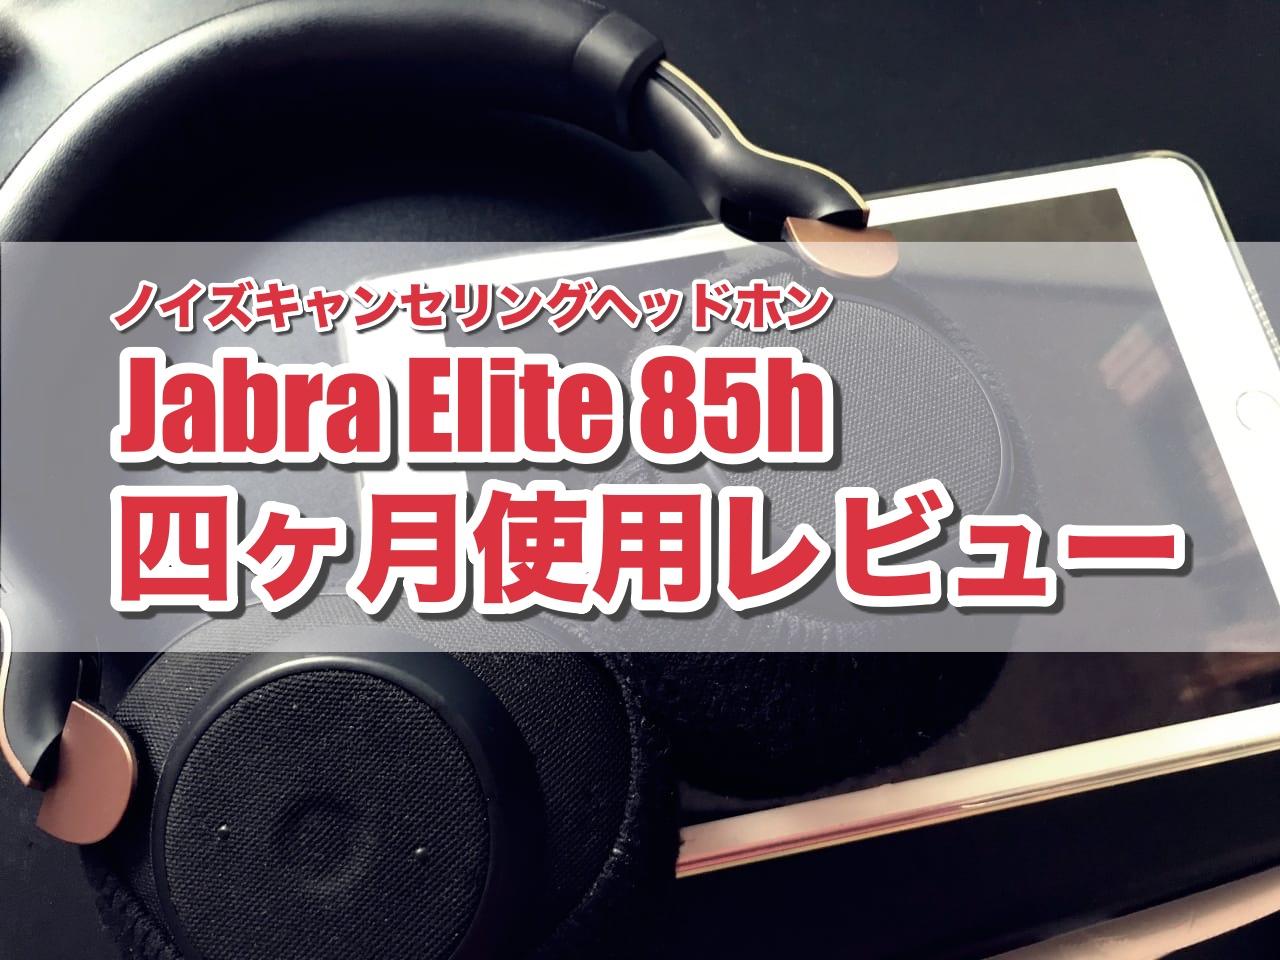 ノイズキャンセリングヘッドホンJabra Elite 85h四ヶ月使用レビュー